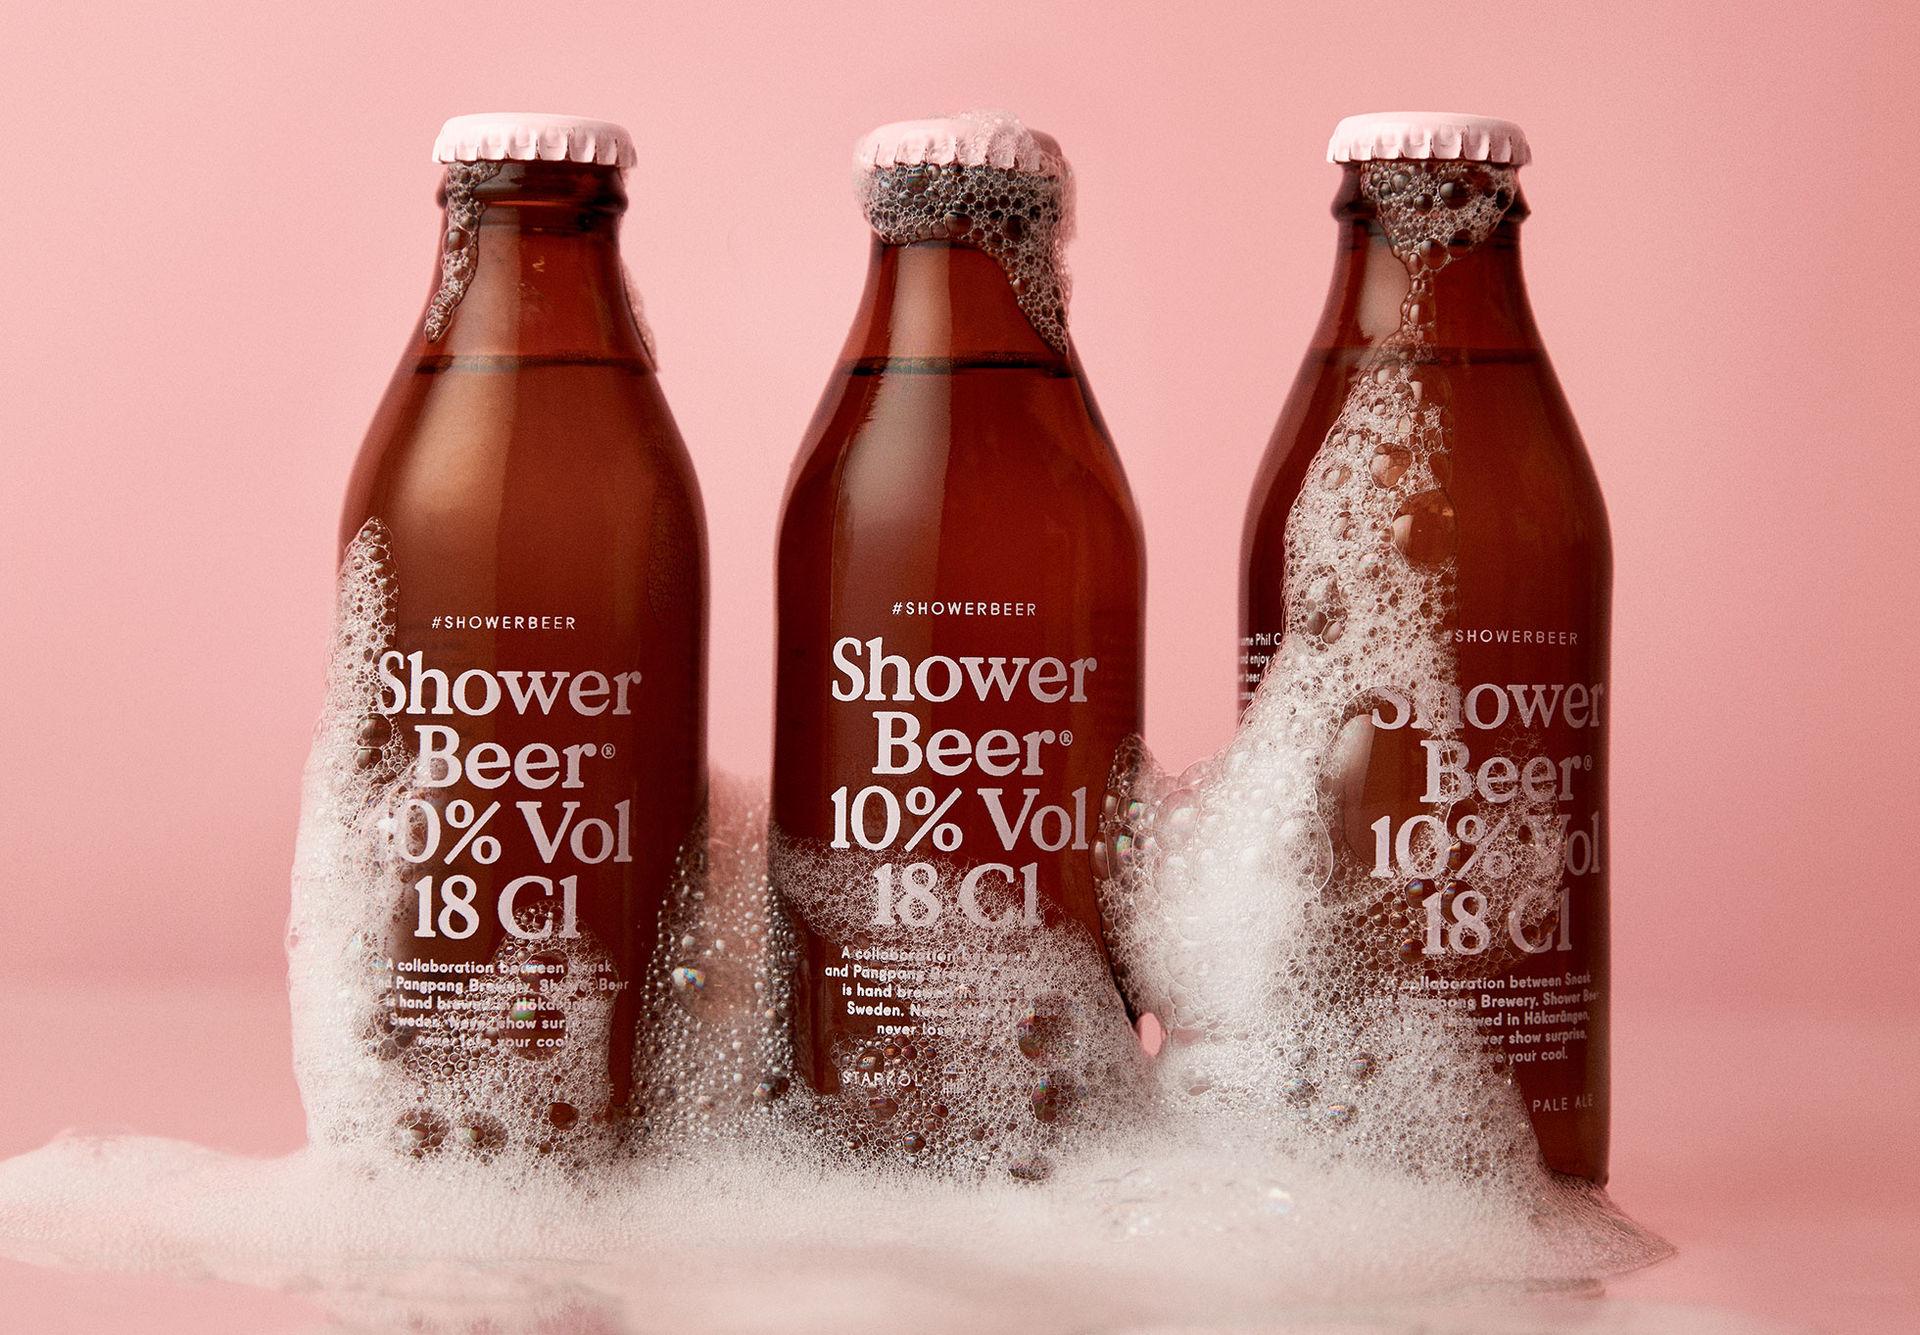 En öl för duschen